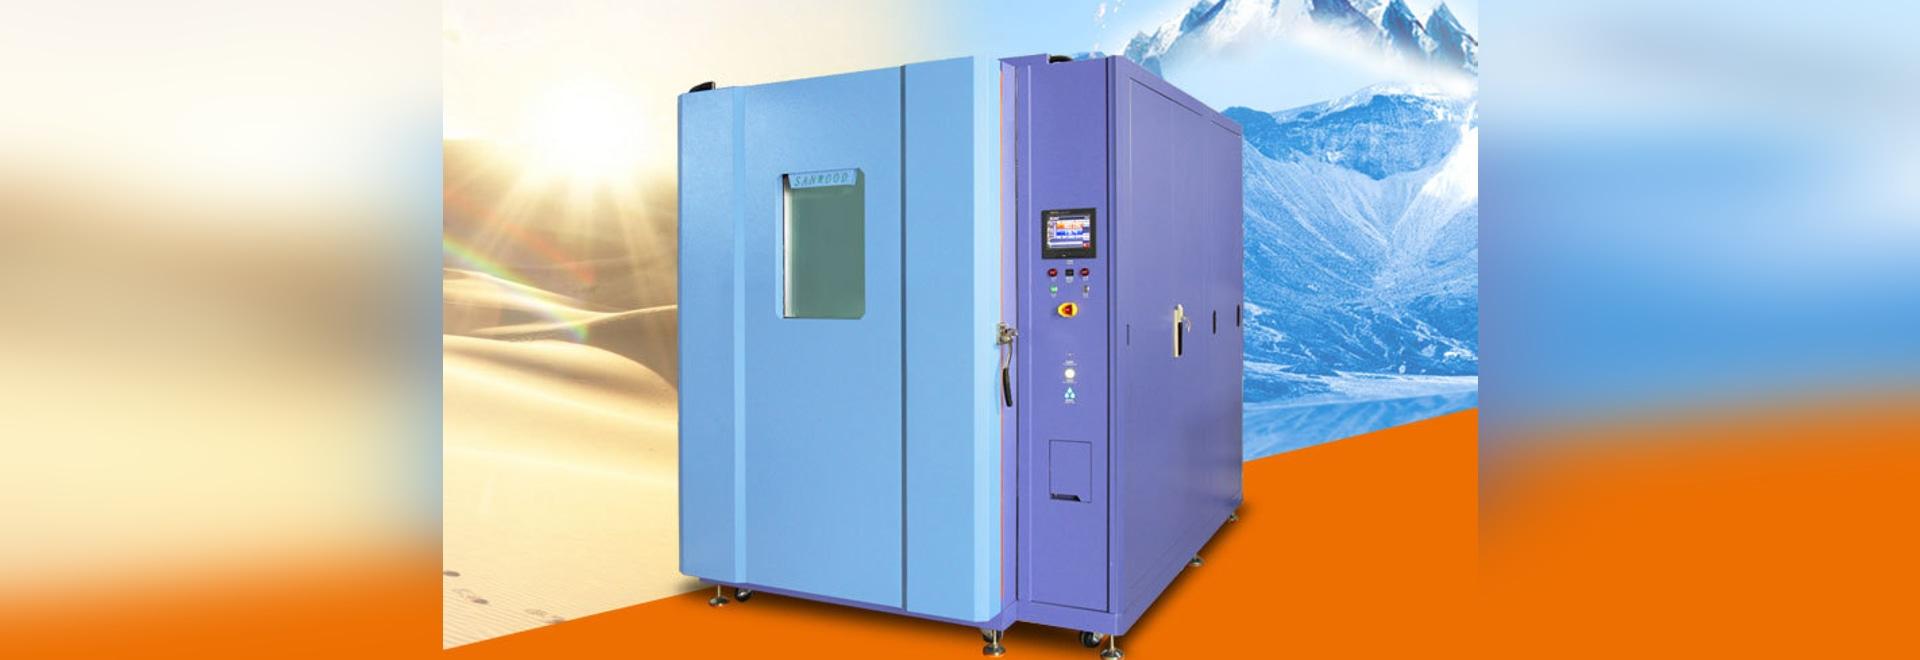 Chambre d'essai d'humidité de la température